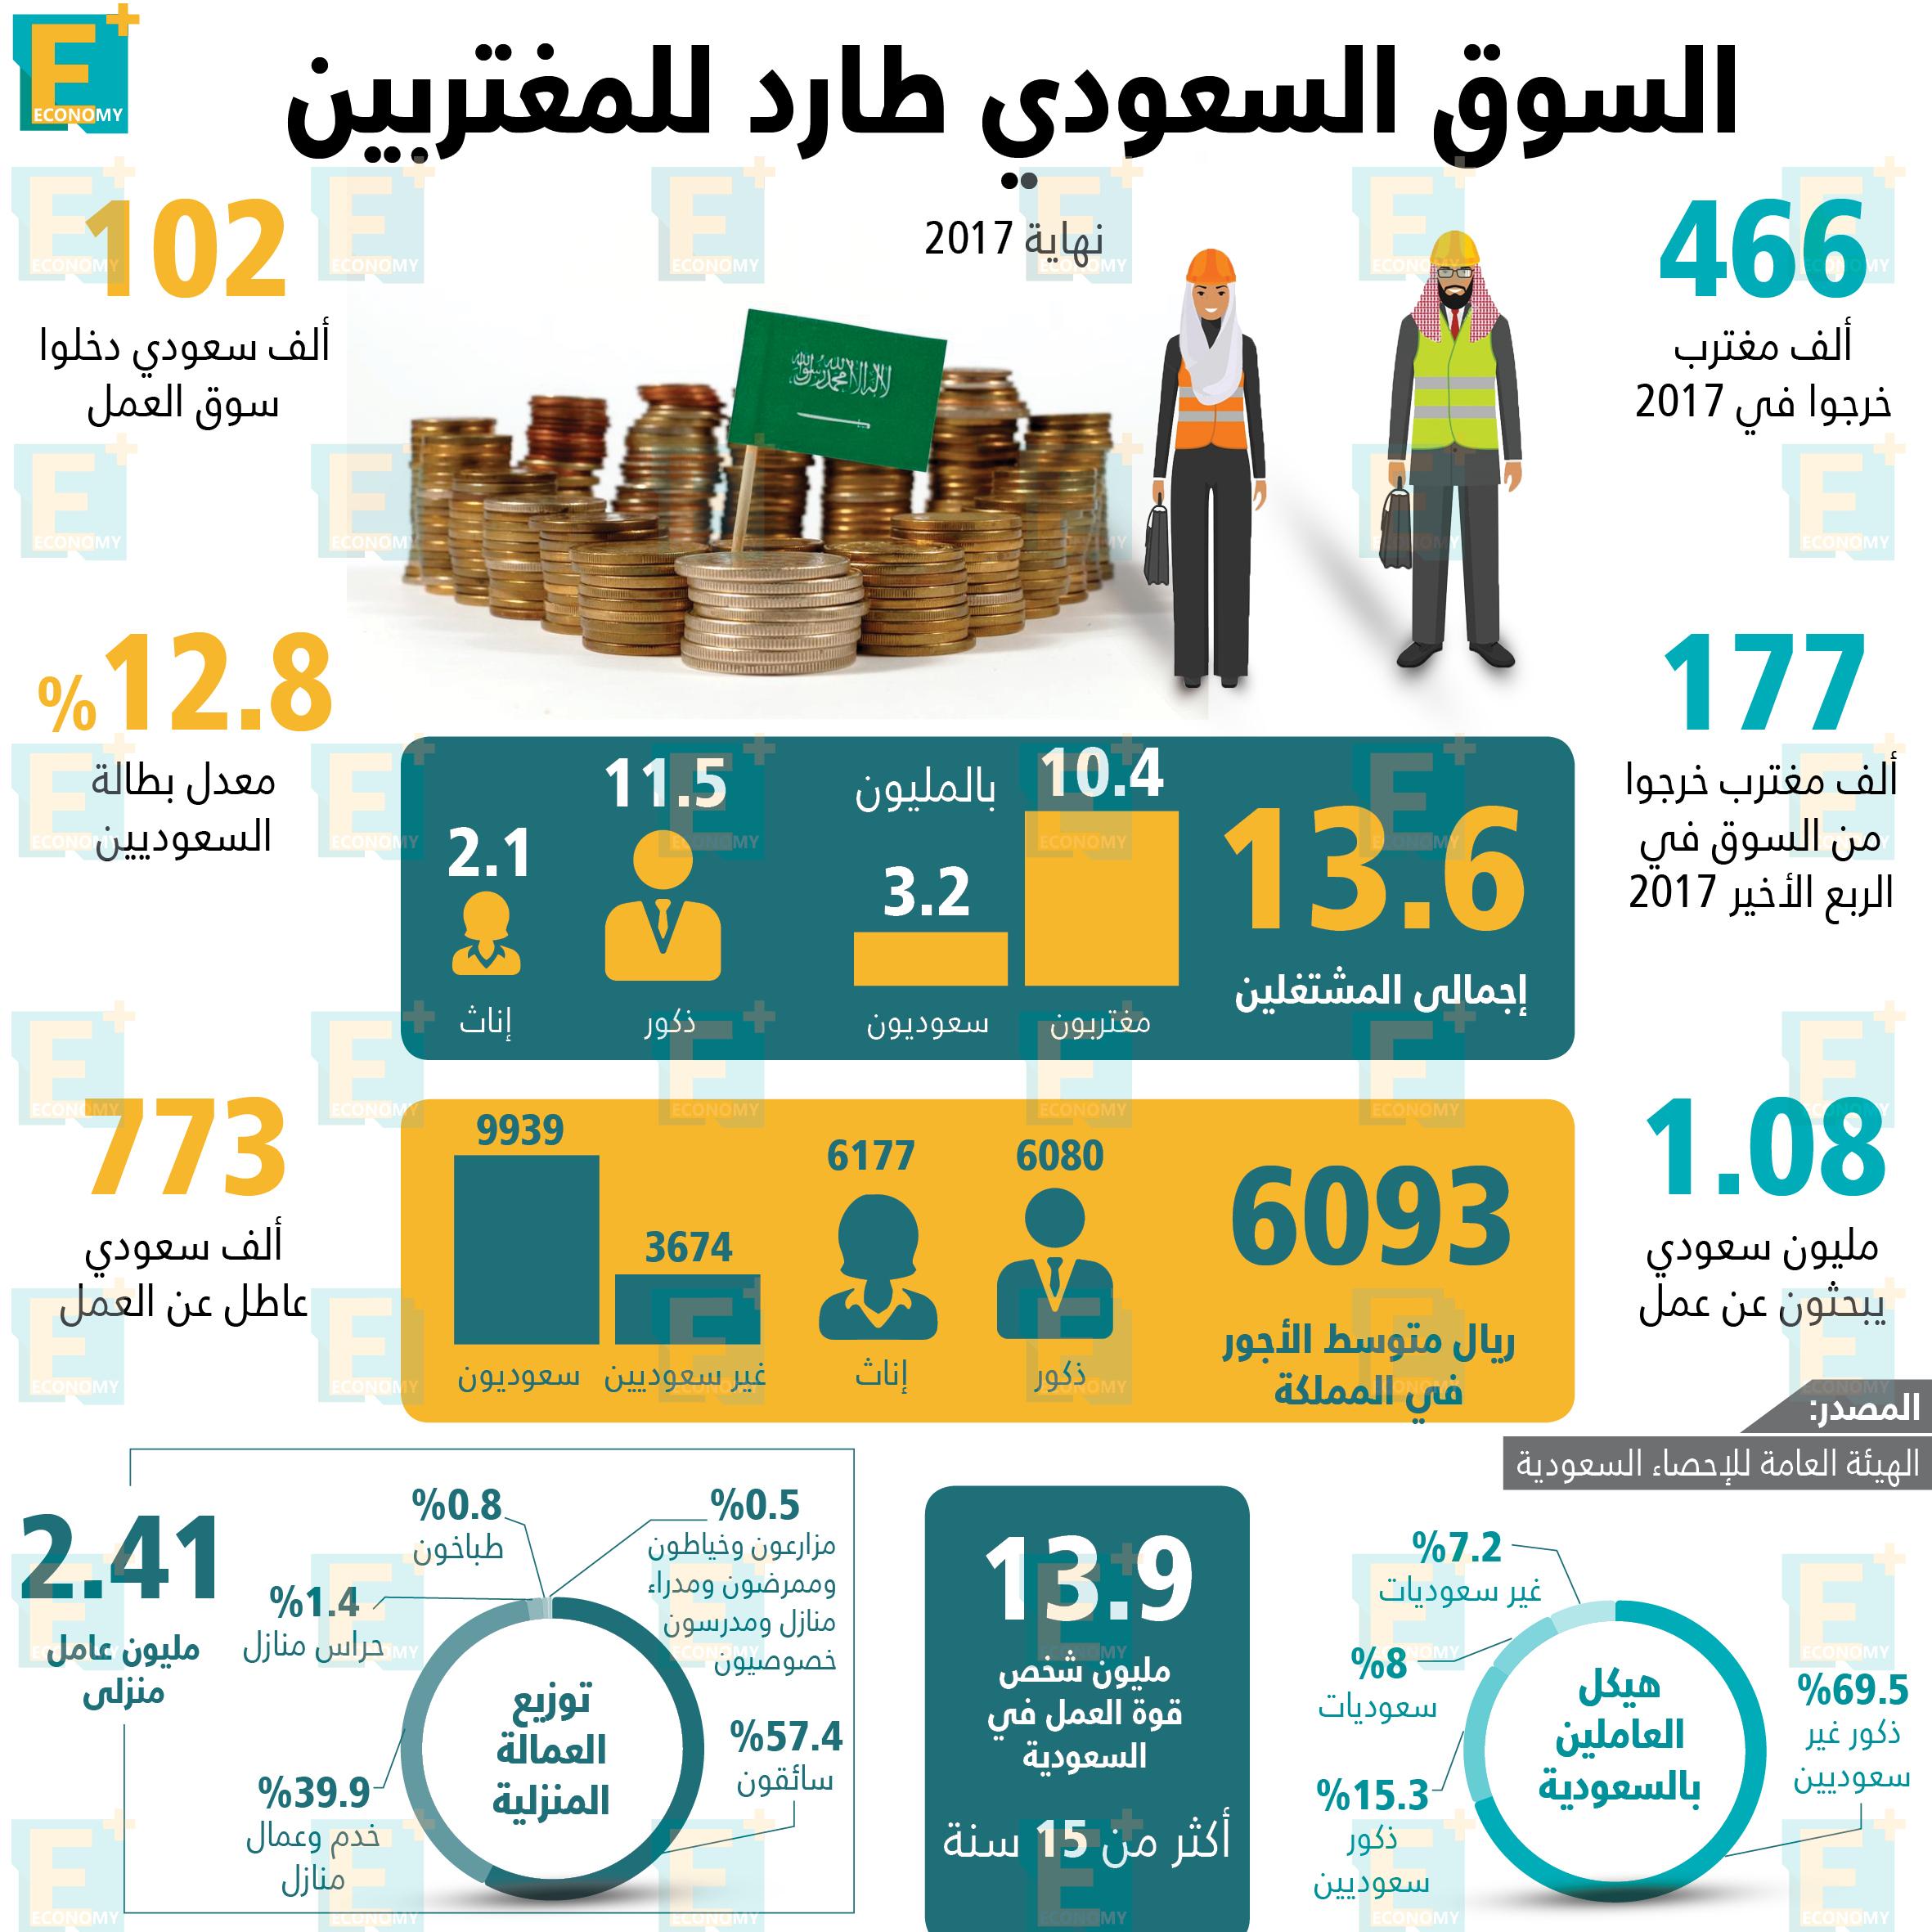 سوق العمل السعودي طارد للمغتربين